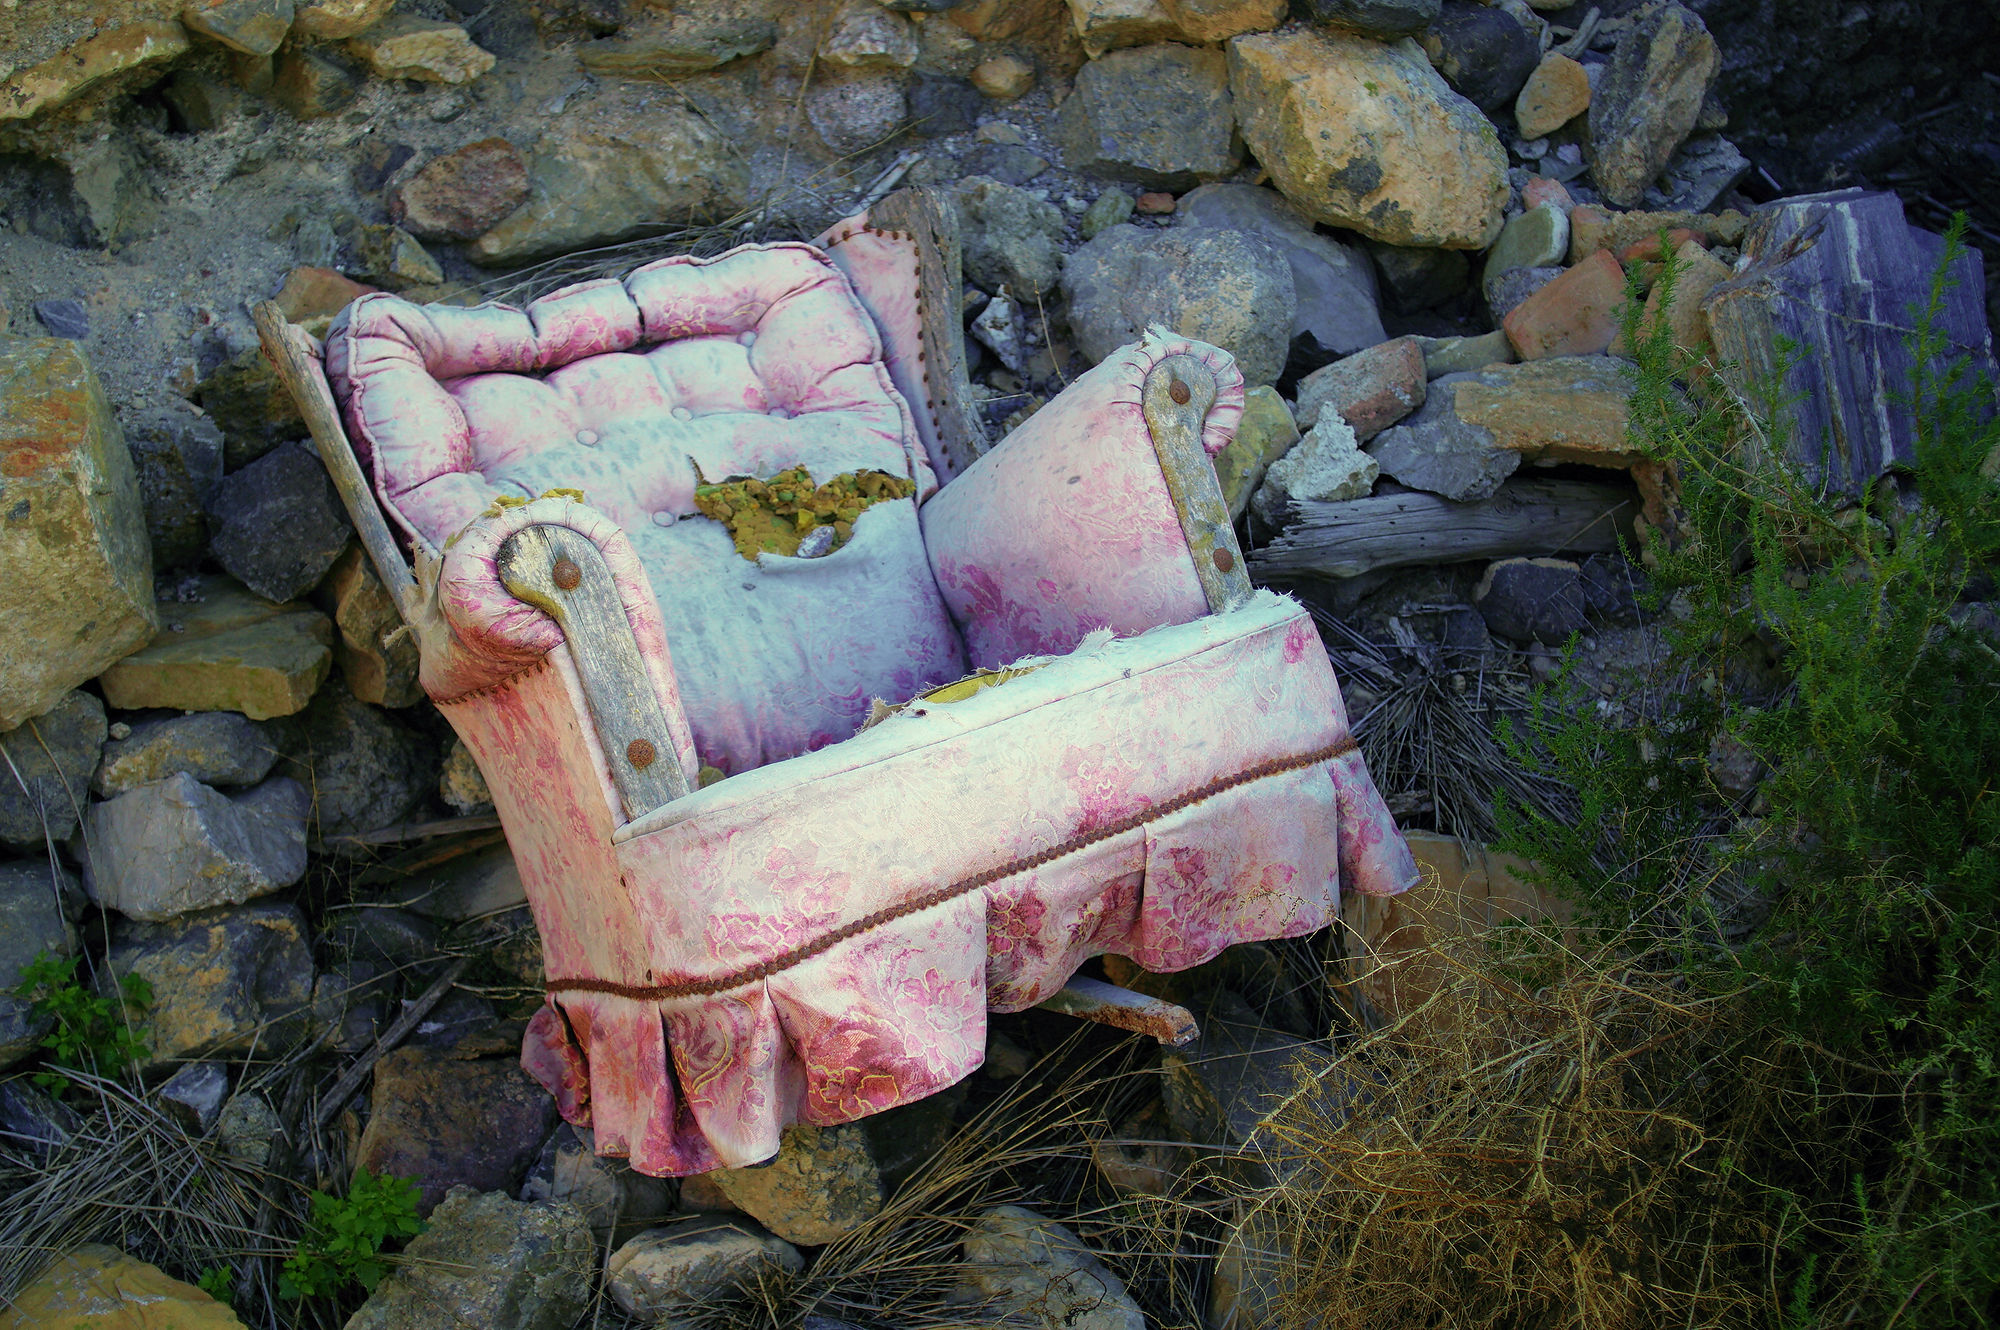 Sessel zum Sofa ~ bald ist die Einrichtung komplett! ;)